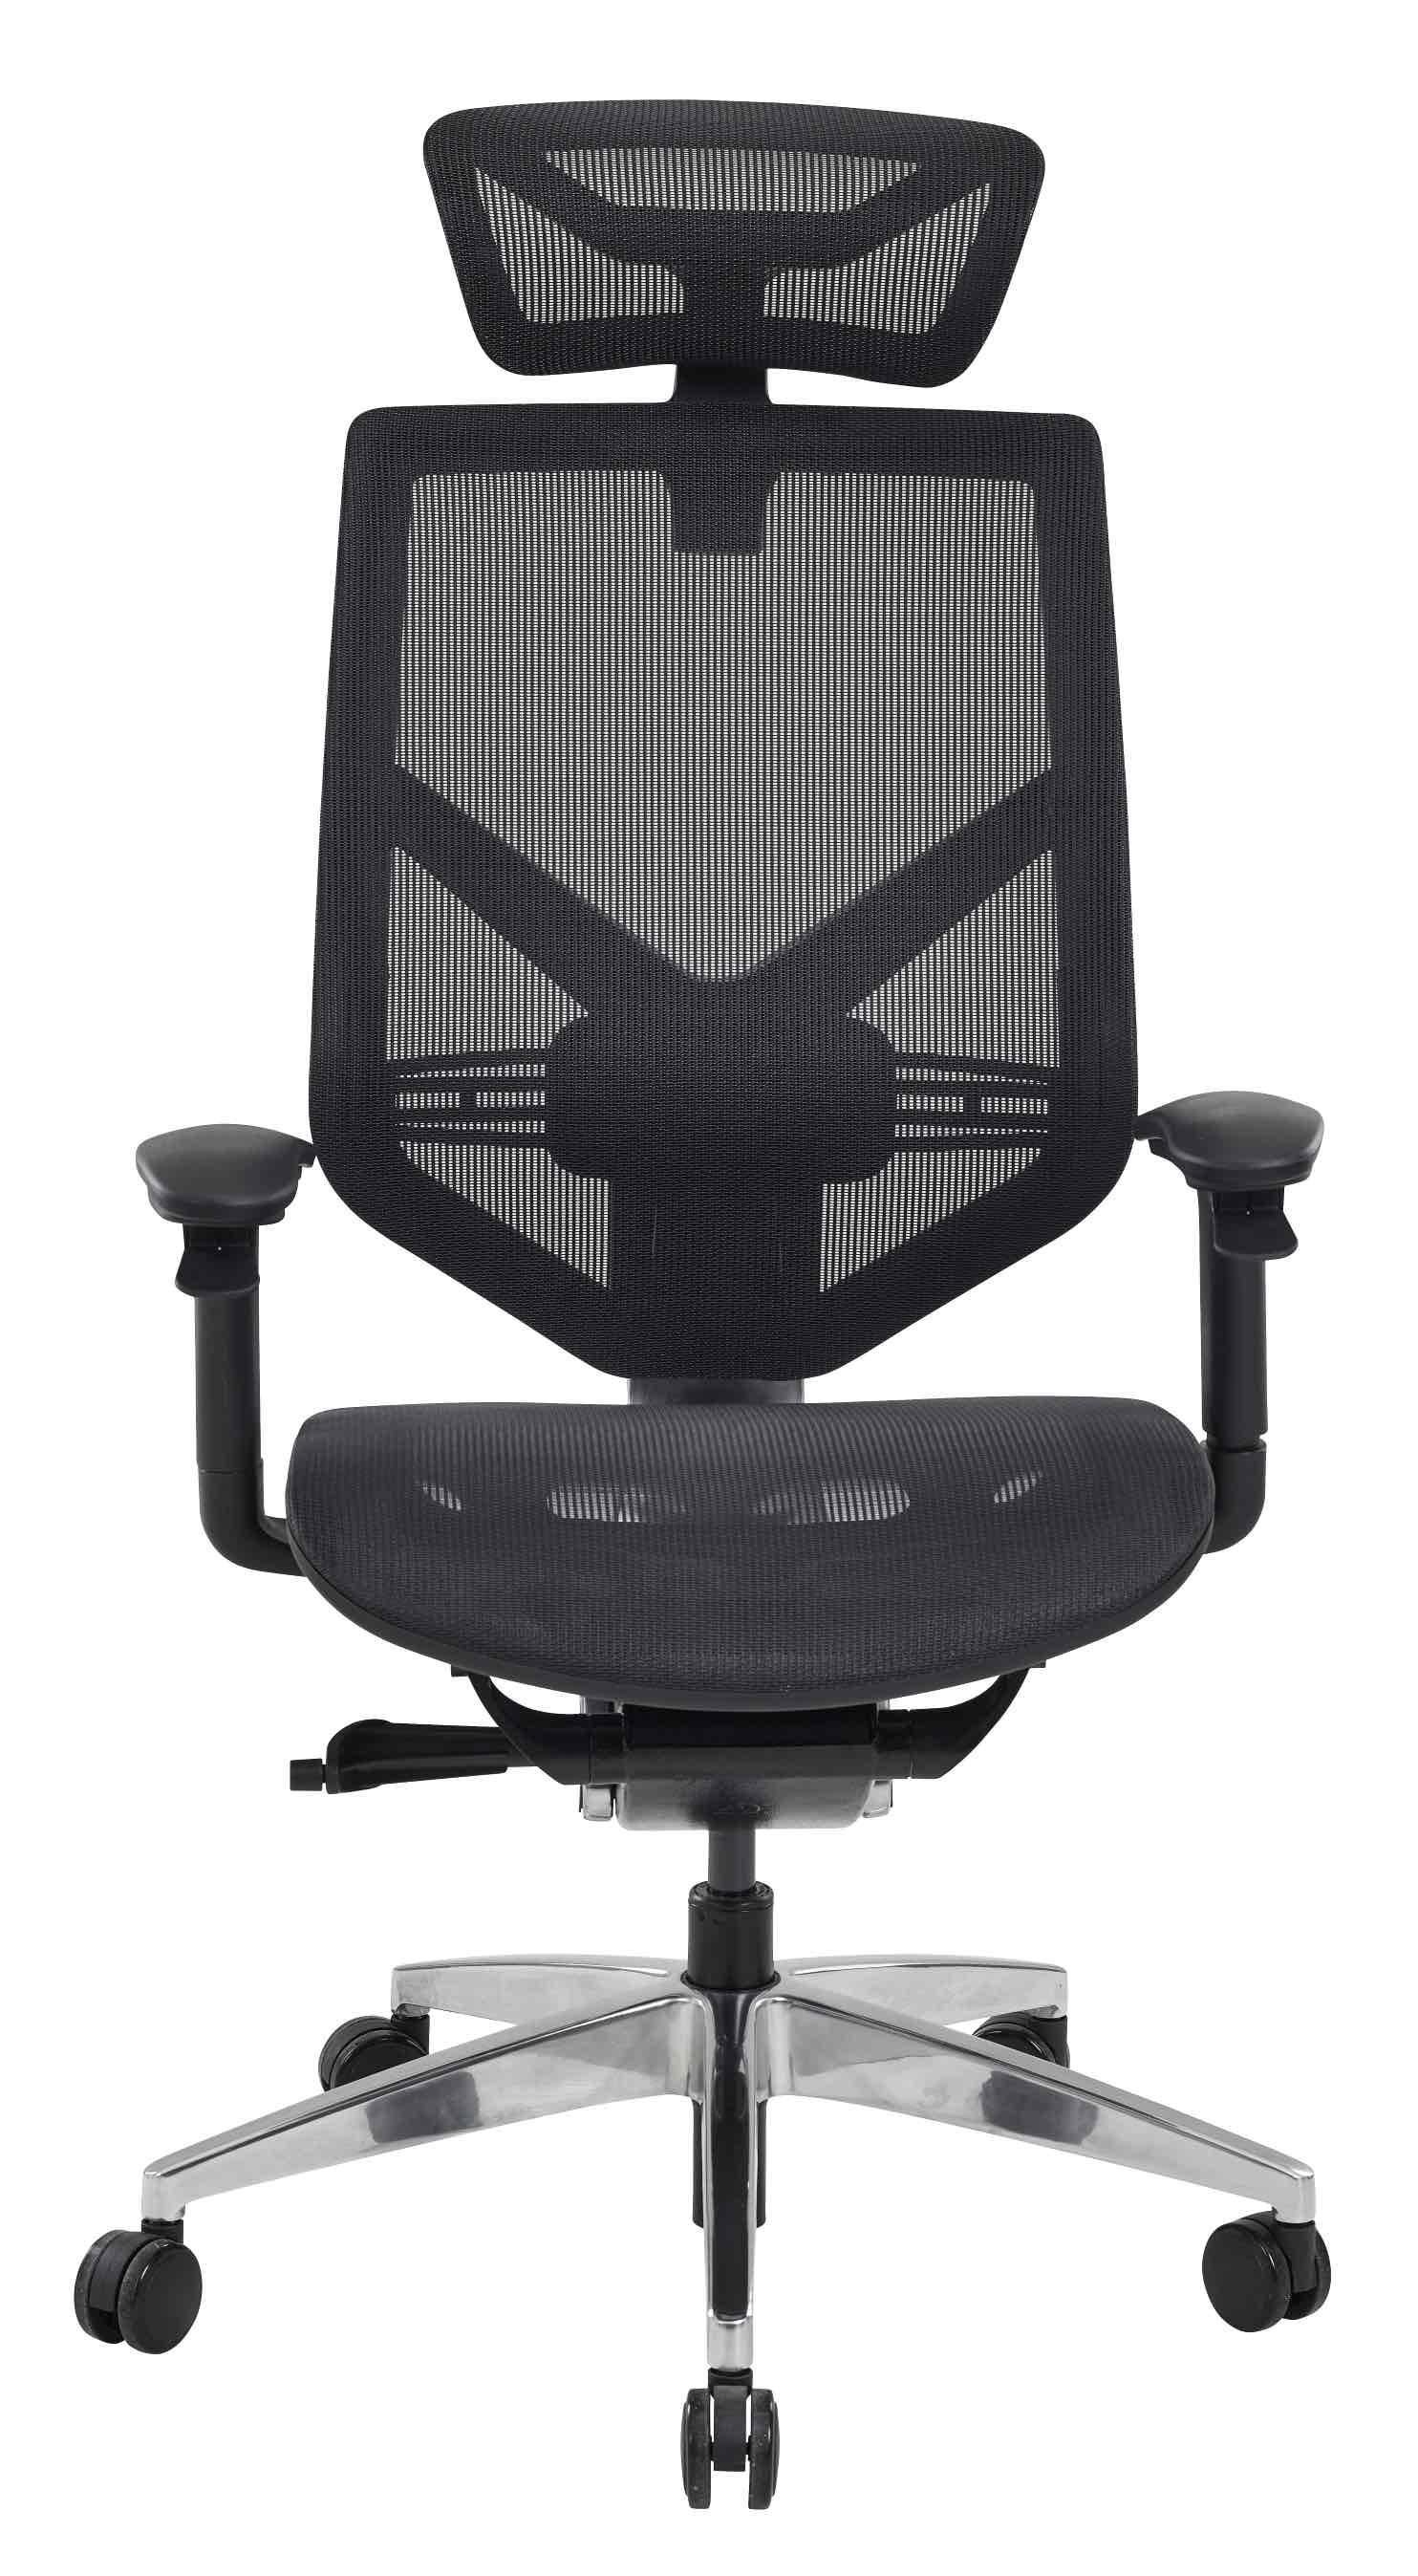 Fauteuil de bureau ergonomique DARK en résille